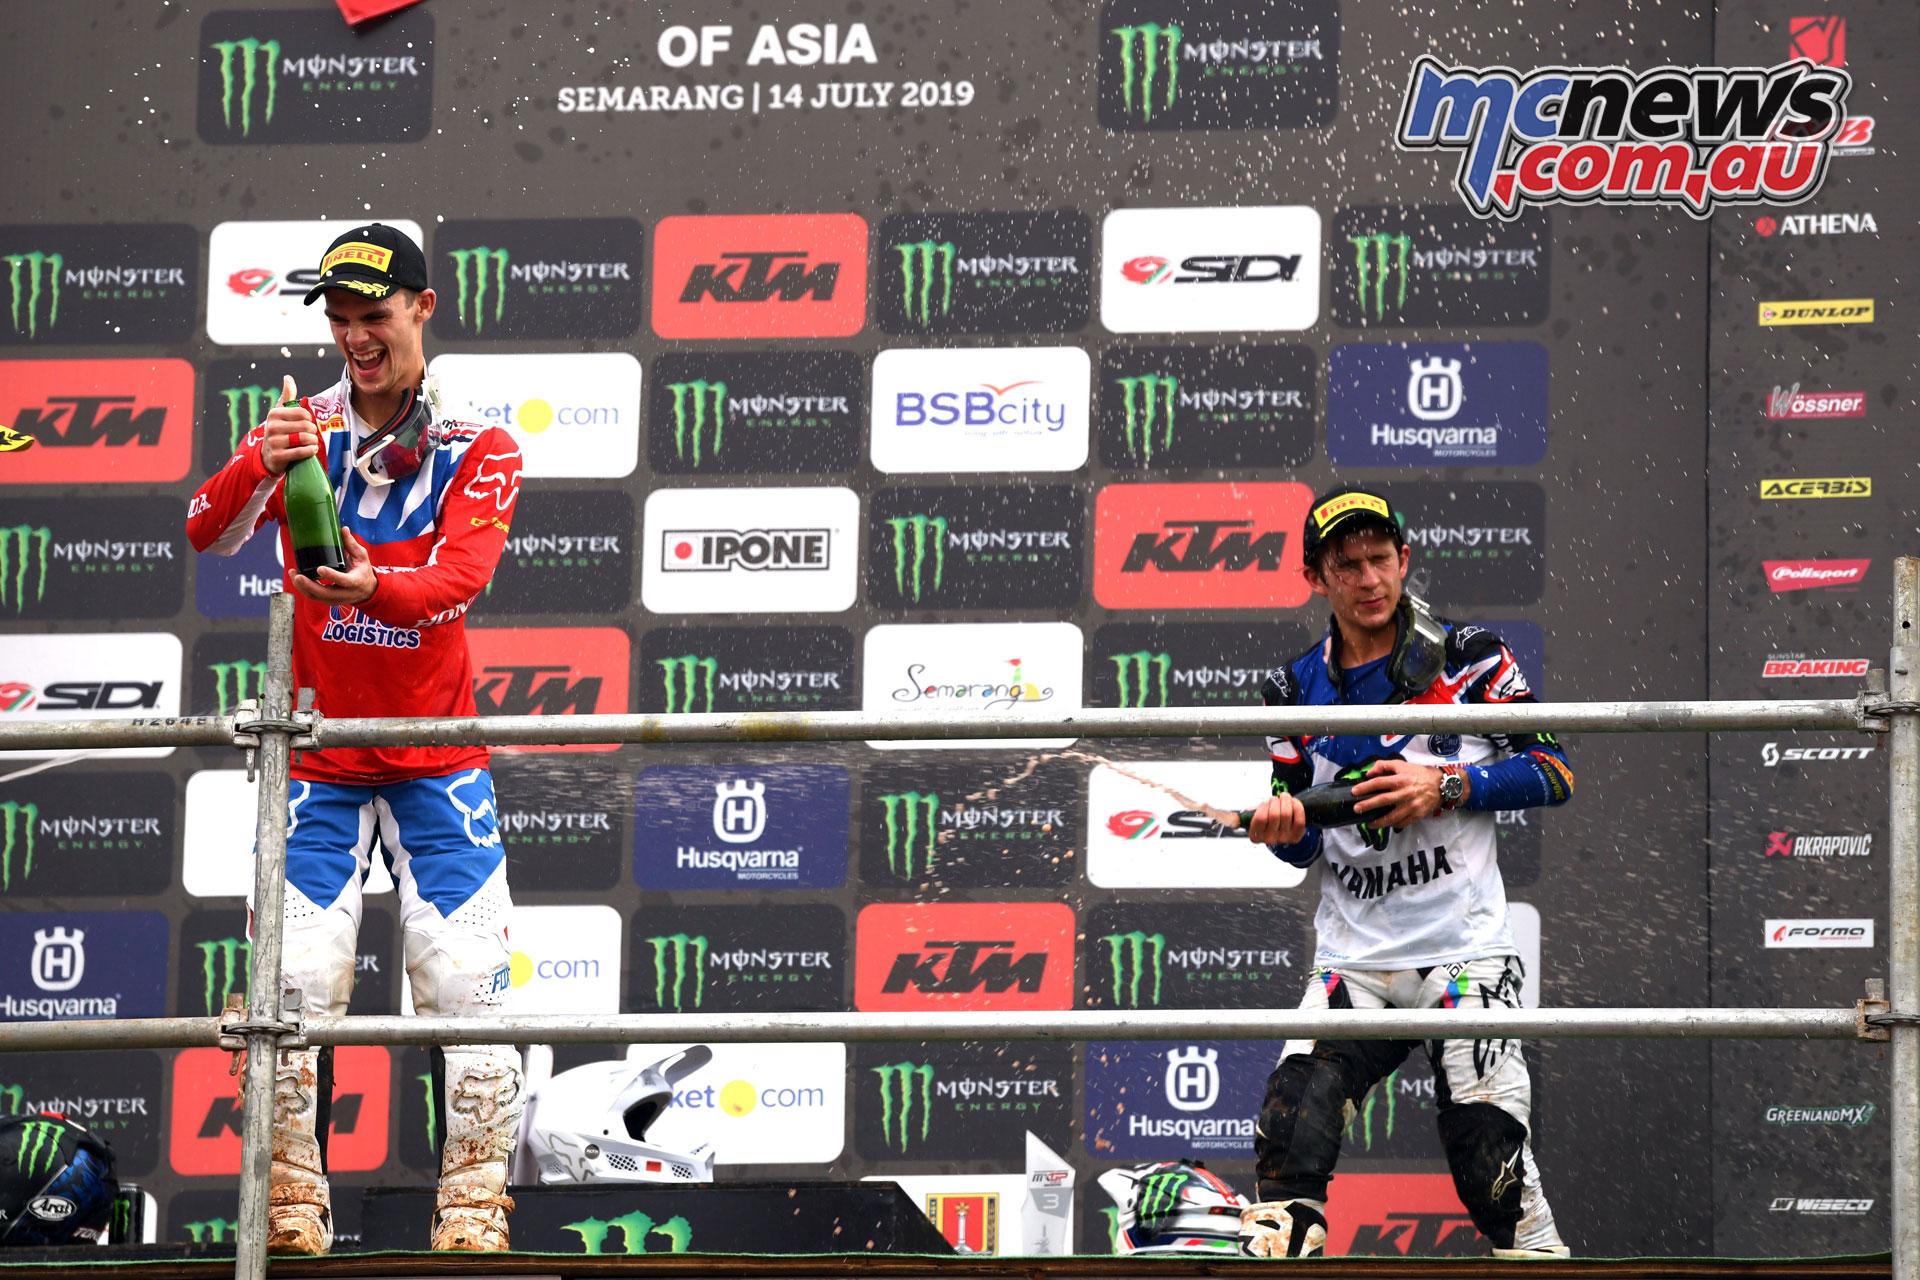 MXGP Asia Semarang Rnd Gajser Seewer podium